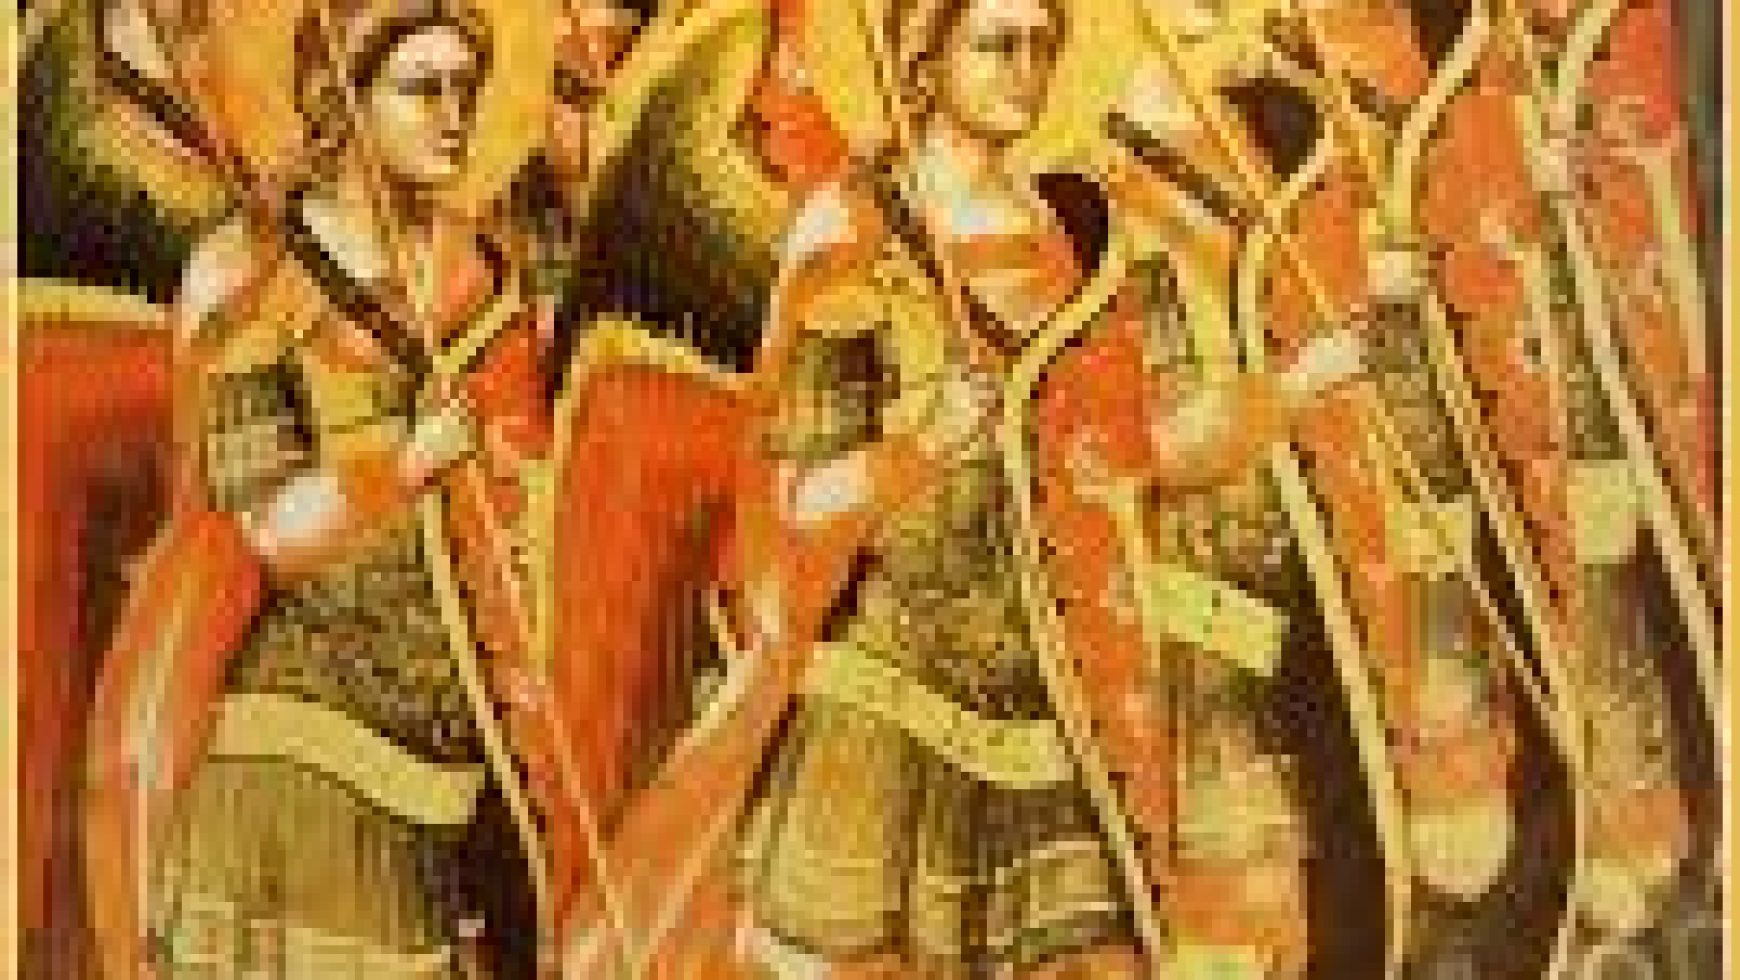 The Dream of Gerontius, Part 8